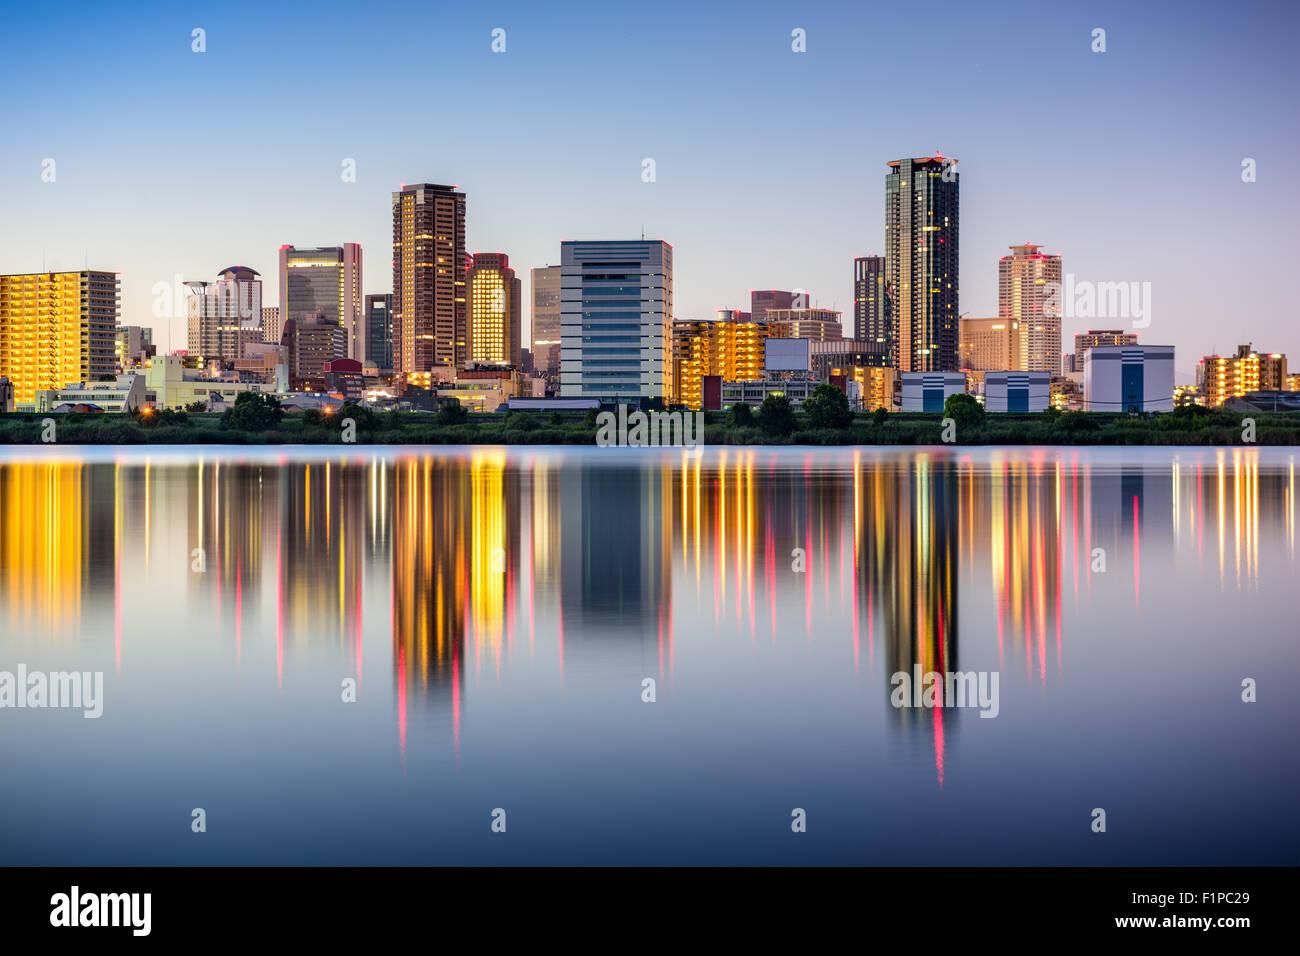 Osaka, Japón skyline en el distrito de Umeda en el río Yodogawa. Imagen De Stock